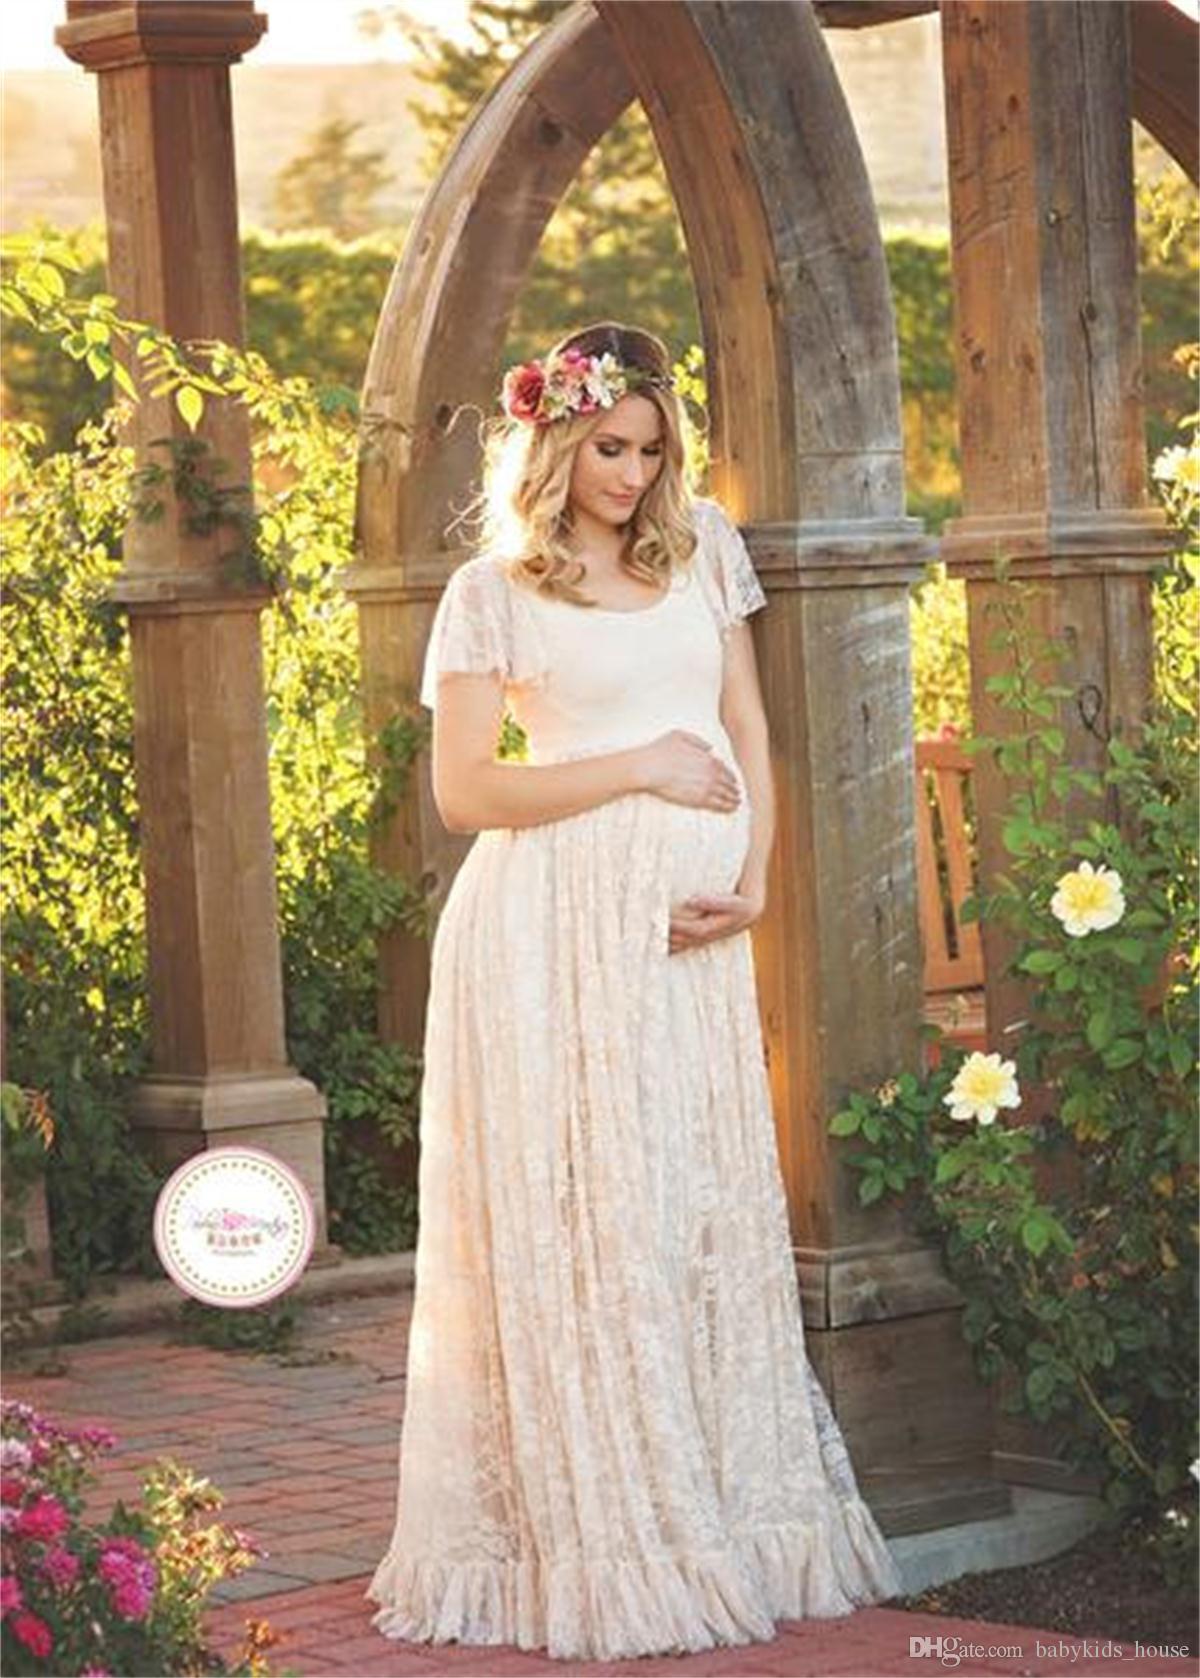 Großhandel Mutterschaft Kleid Für Foto Schießen Rundhalsausschnitt Weißes  Kleid Mutterschaft Fotografie Requisiten Kurzarm Lace Schwanger